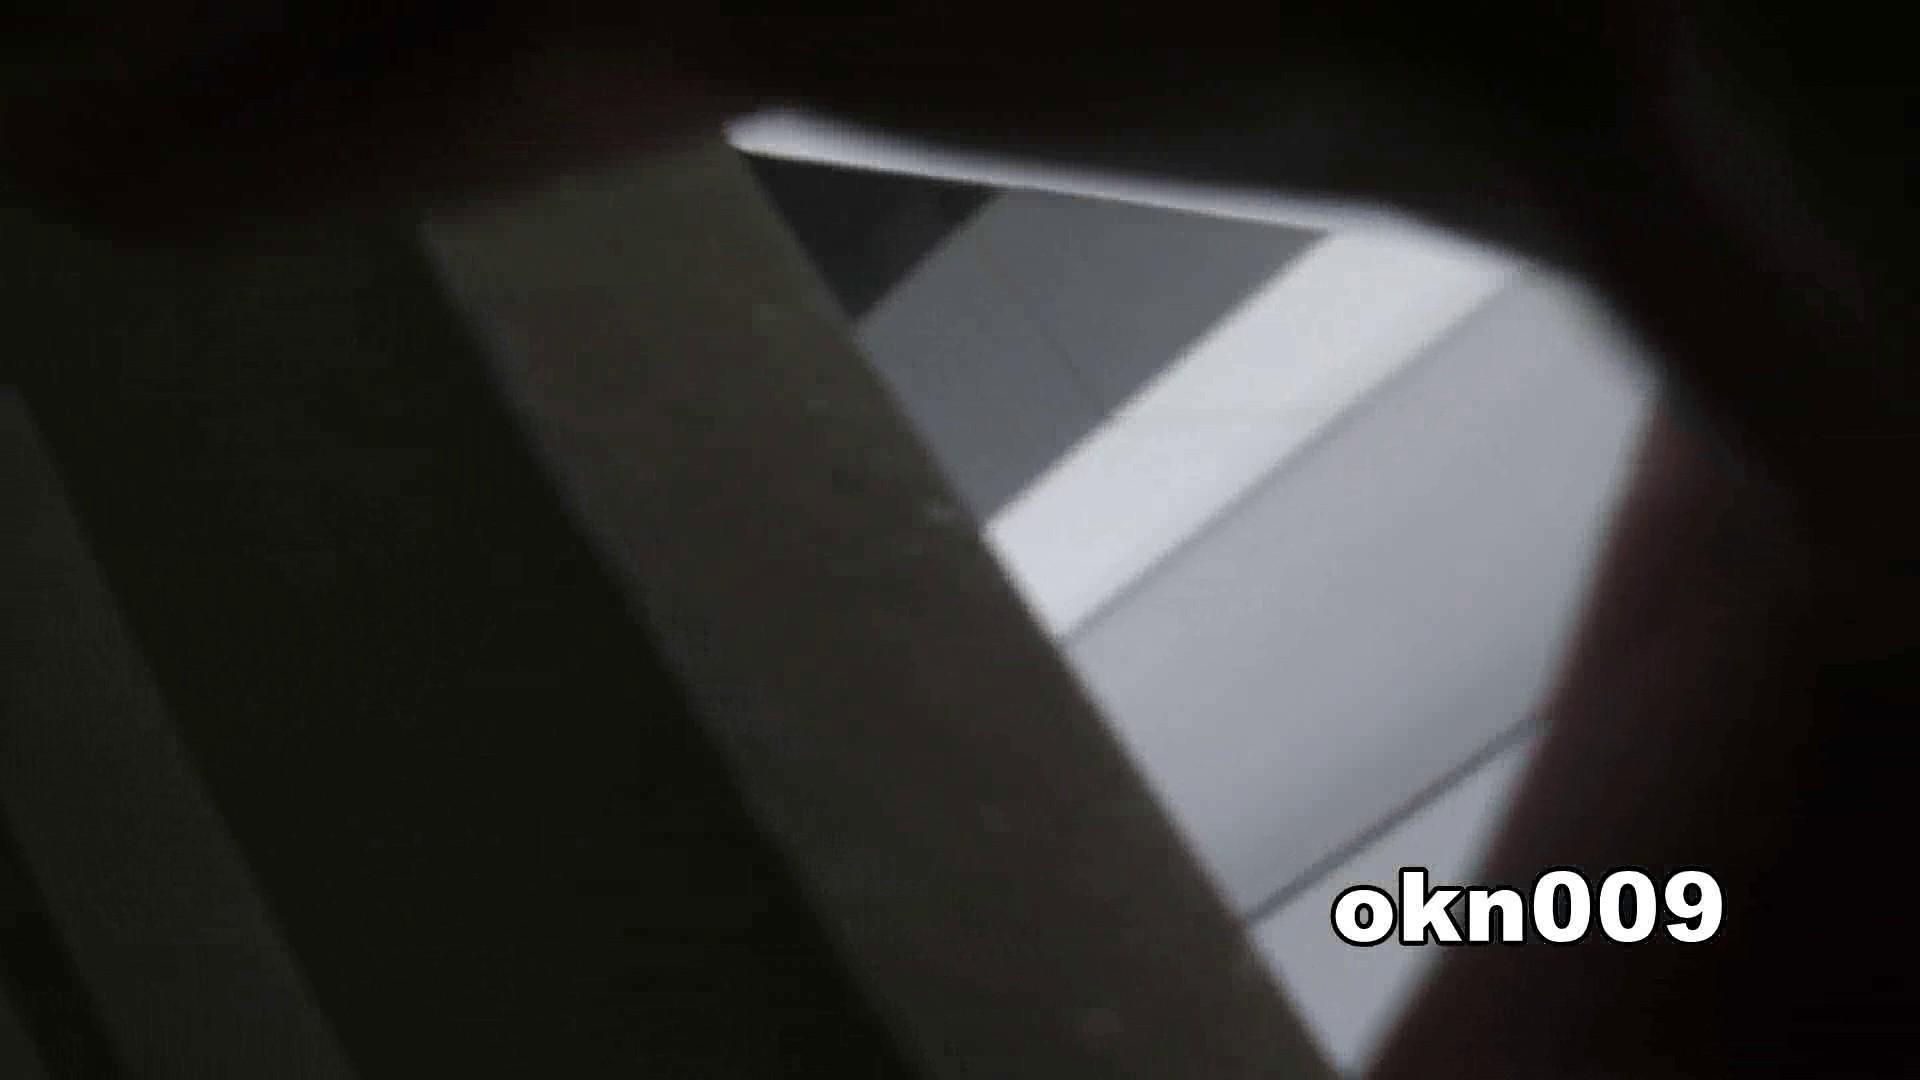 下からノゾム vol.009 リキンでモリアガった割にヒョロ 洗面所 | 丸見えマンコ  55画像 11